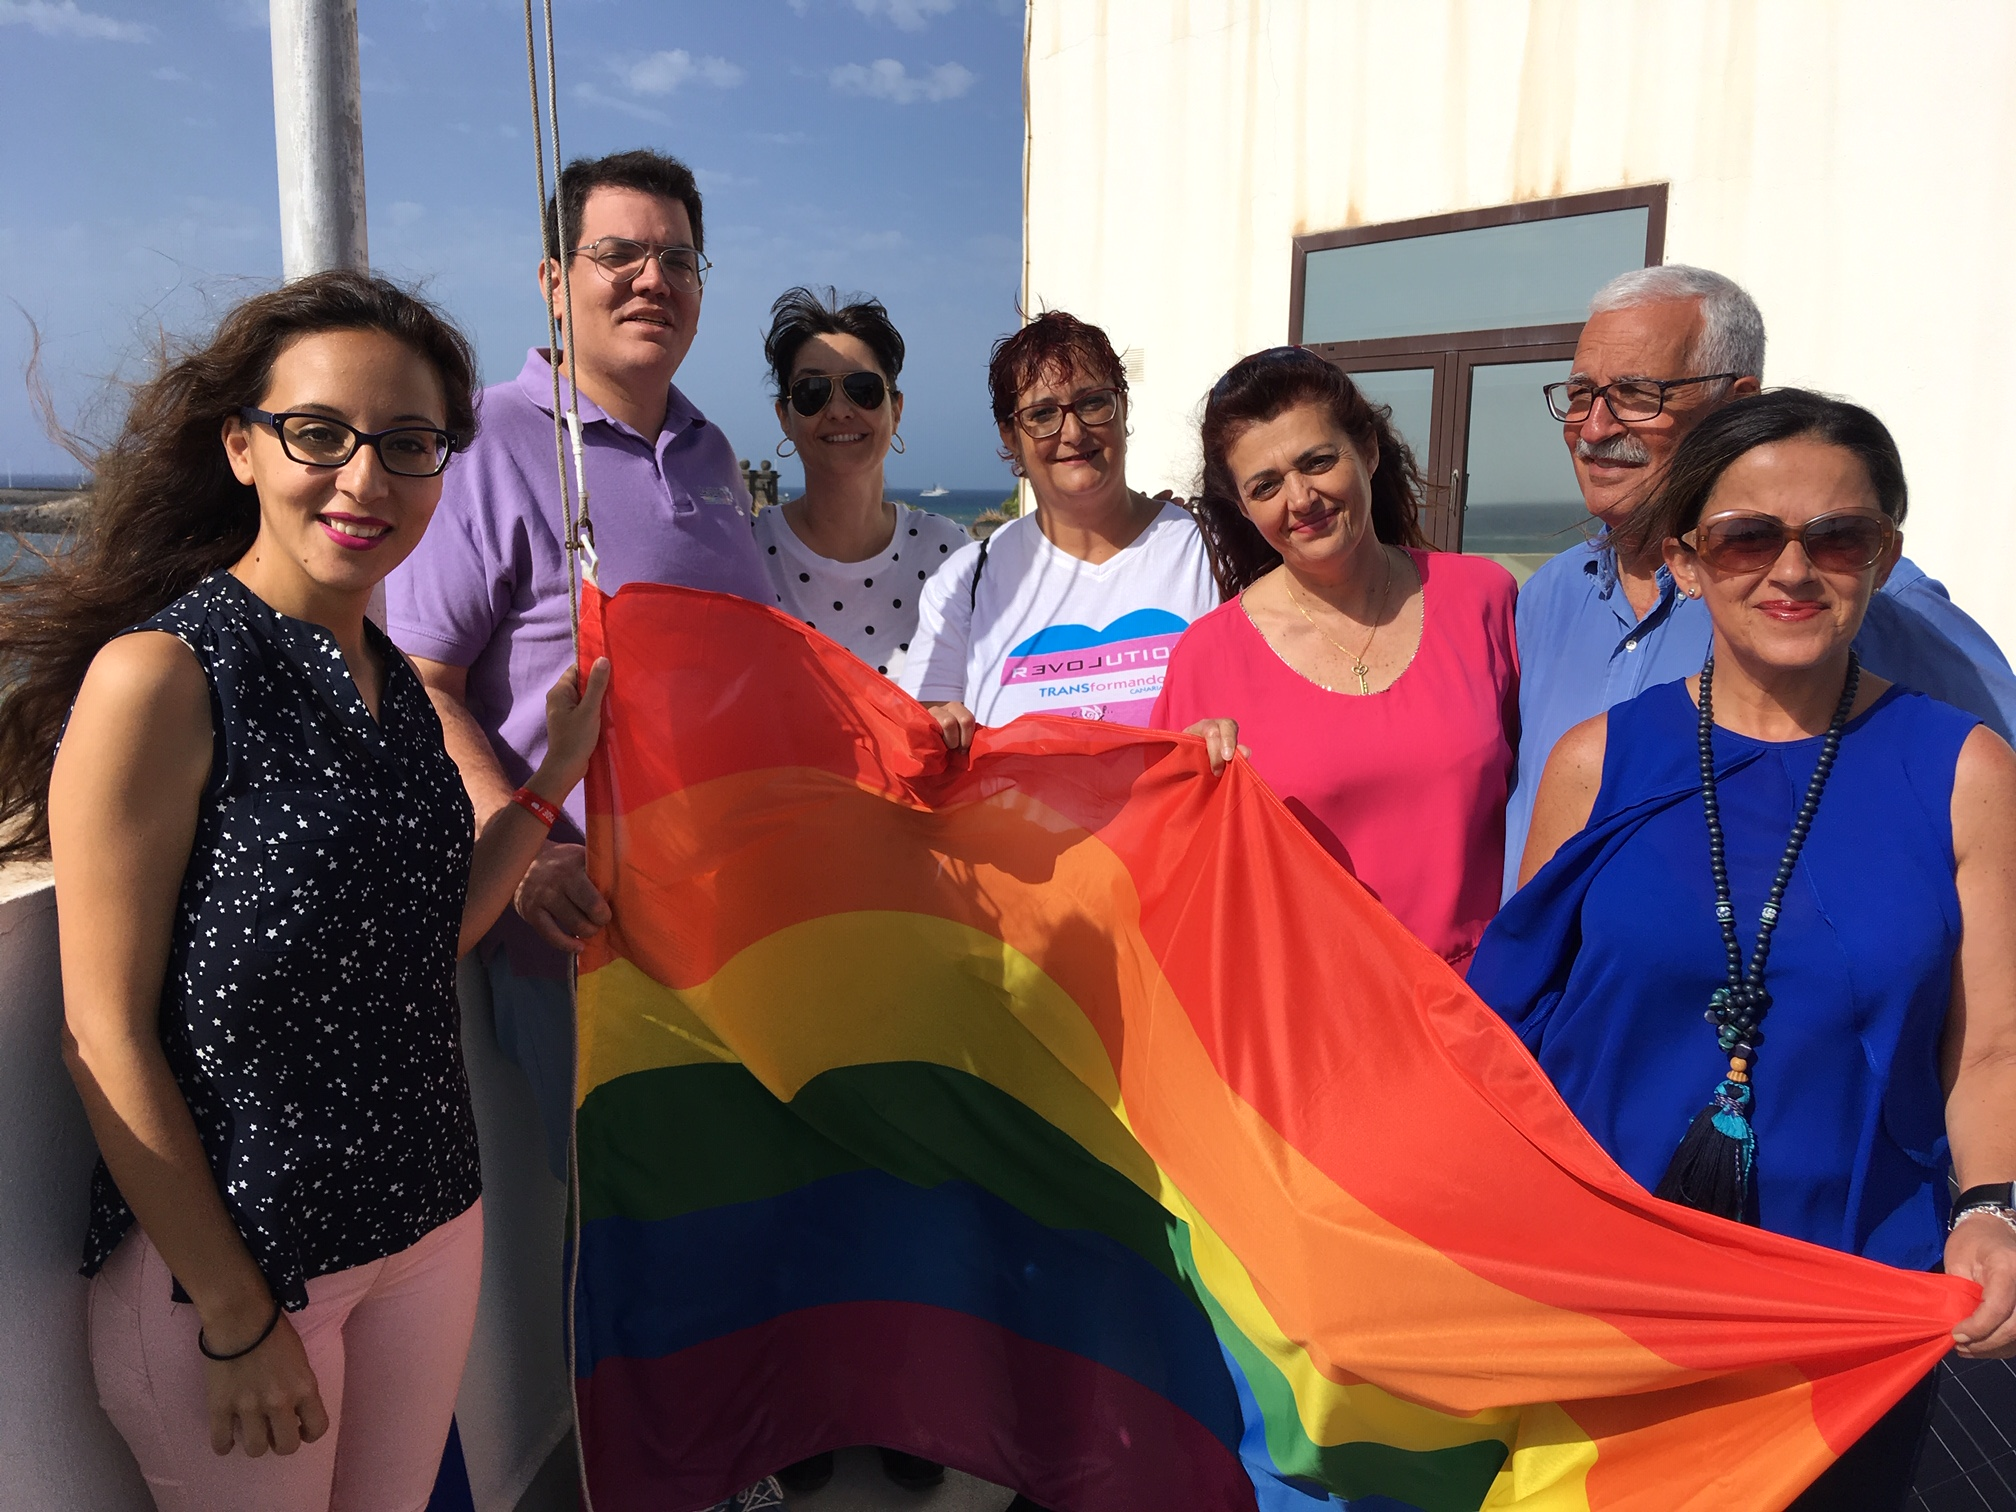 El Ayuntamiento de Arrecife se suma a Lánzate y Chrysallis en la celebración del Día Internacional contra la LGTBI+fobia